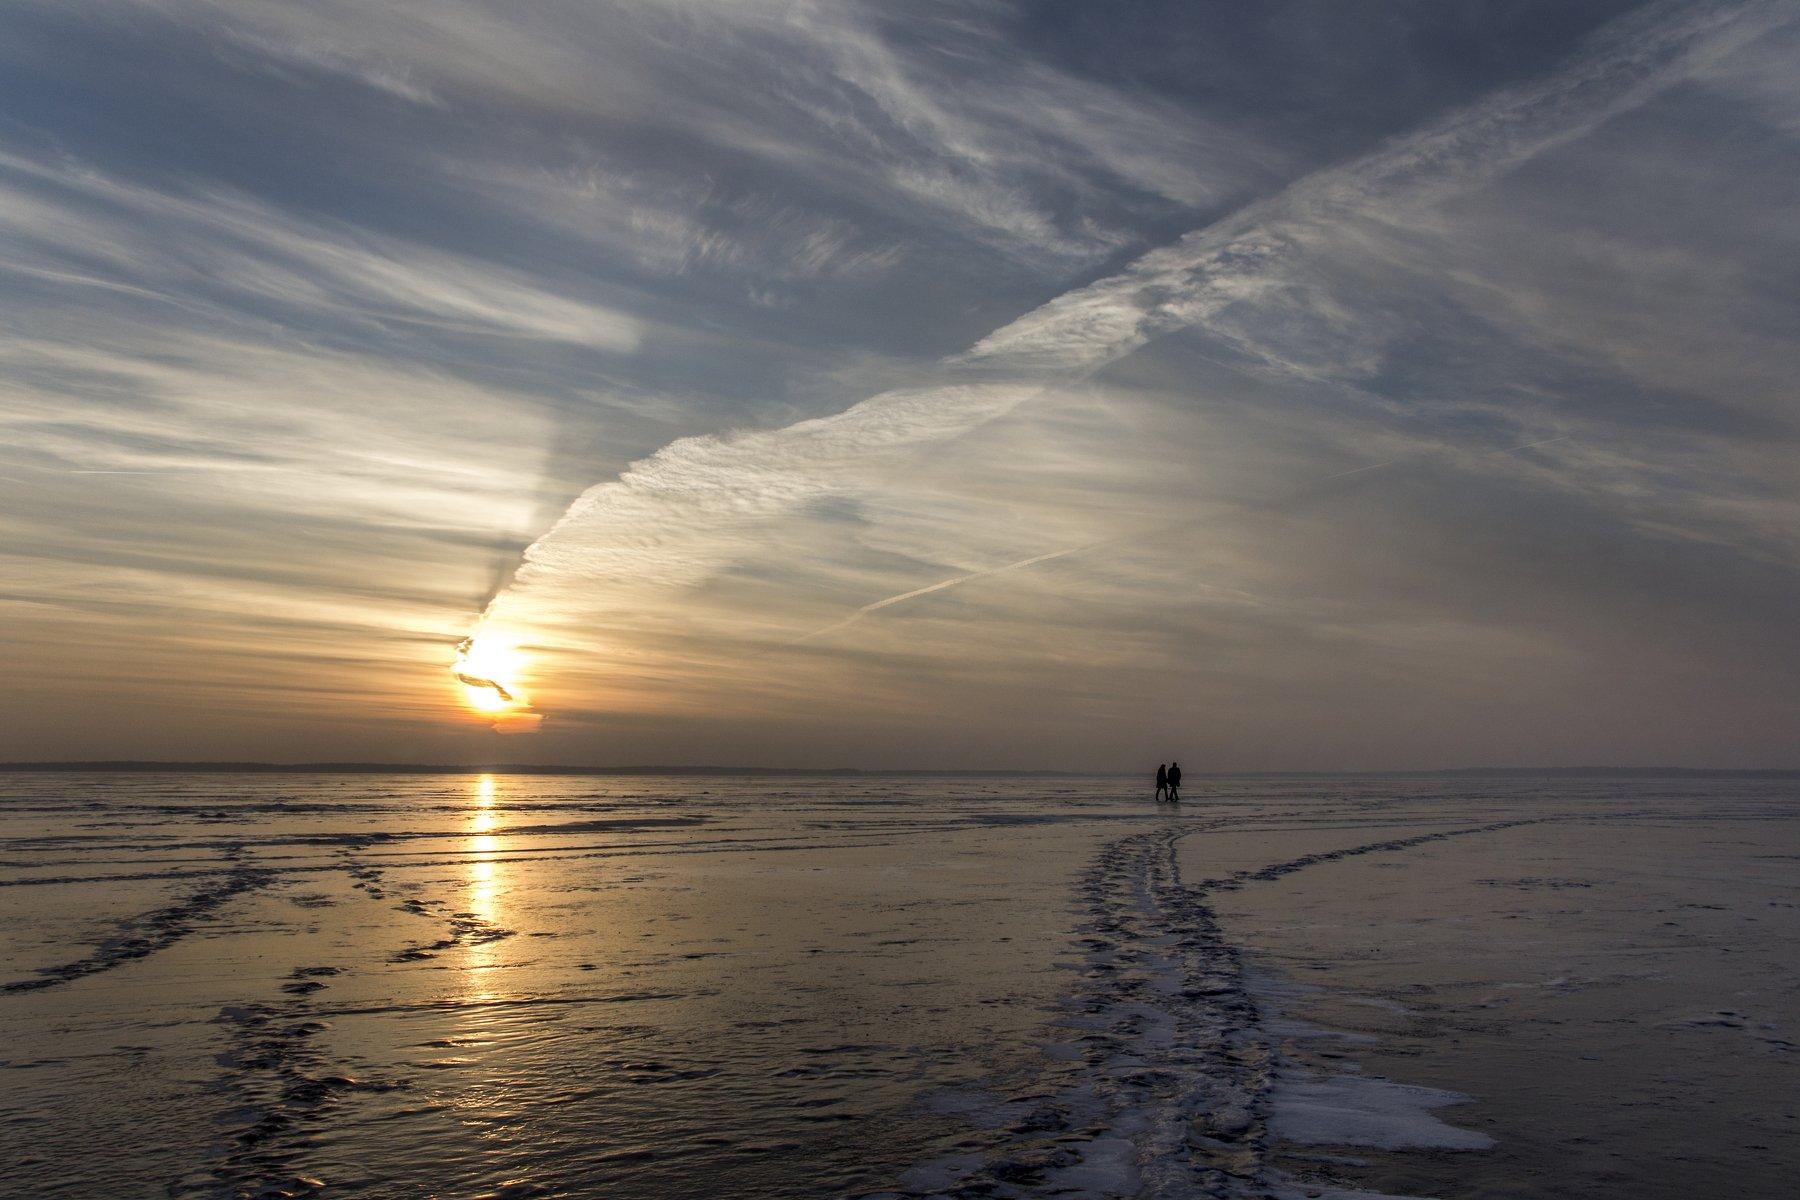 ice, couple, sunset, clouds, Zenonas Mockus